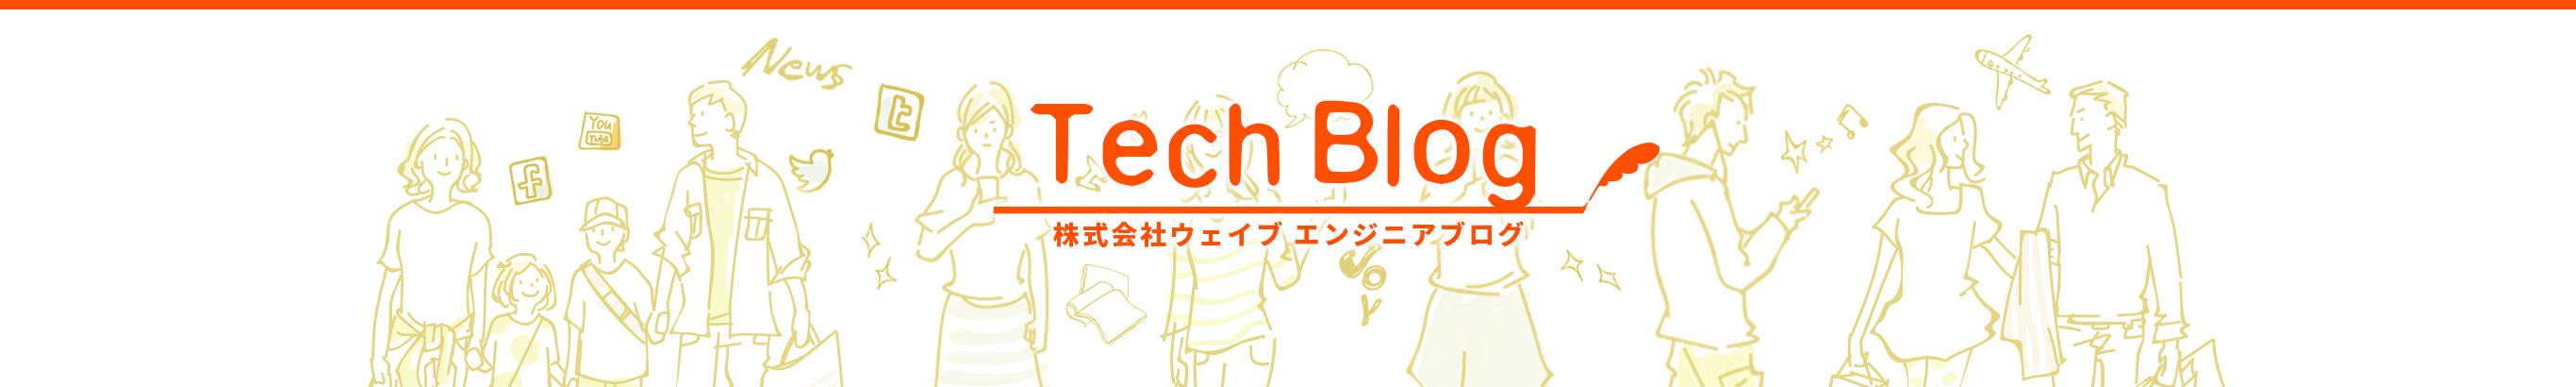 株式会社ウェイブのエンジニアブログです。 エンジニアの目線から会社の話や技術的な話をしていきます。